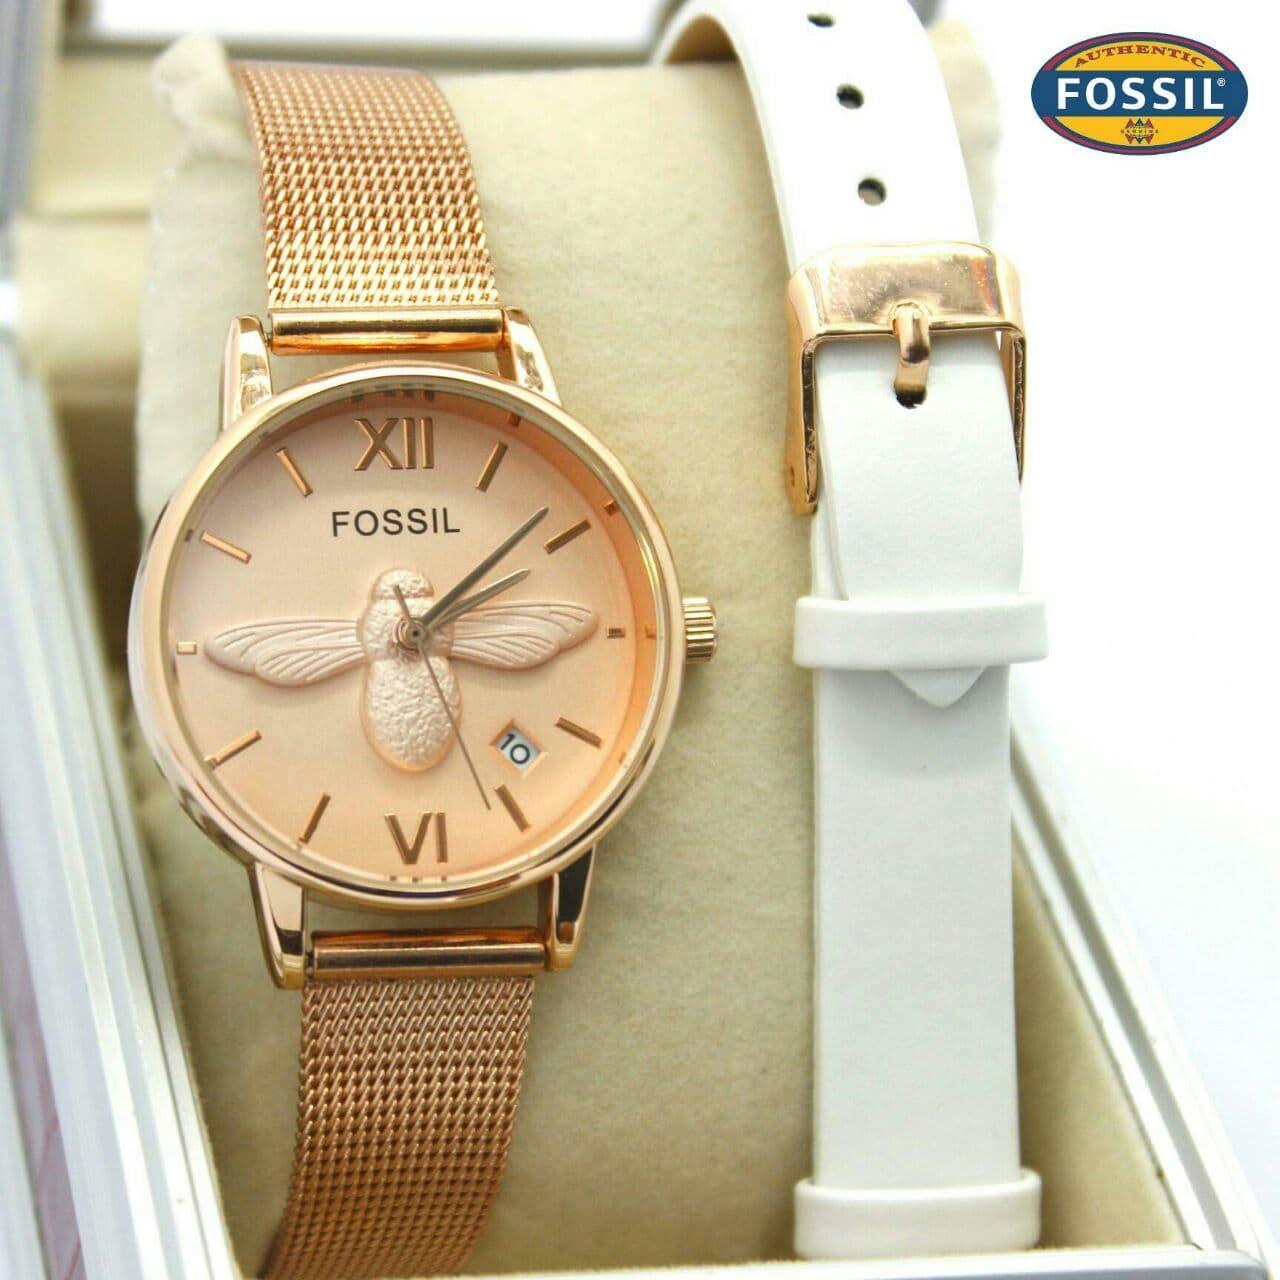 Harga Jam Tangan Fossil Wanita Rose Gold Termurah November 2018 Original Es3988 Jacqueline Blush Leather 1371 Paket Lebah Rantai